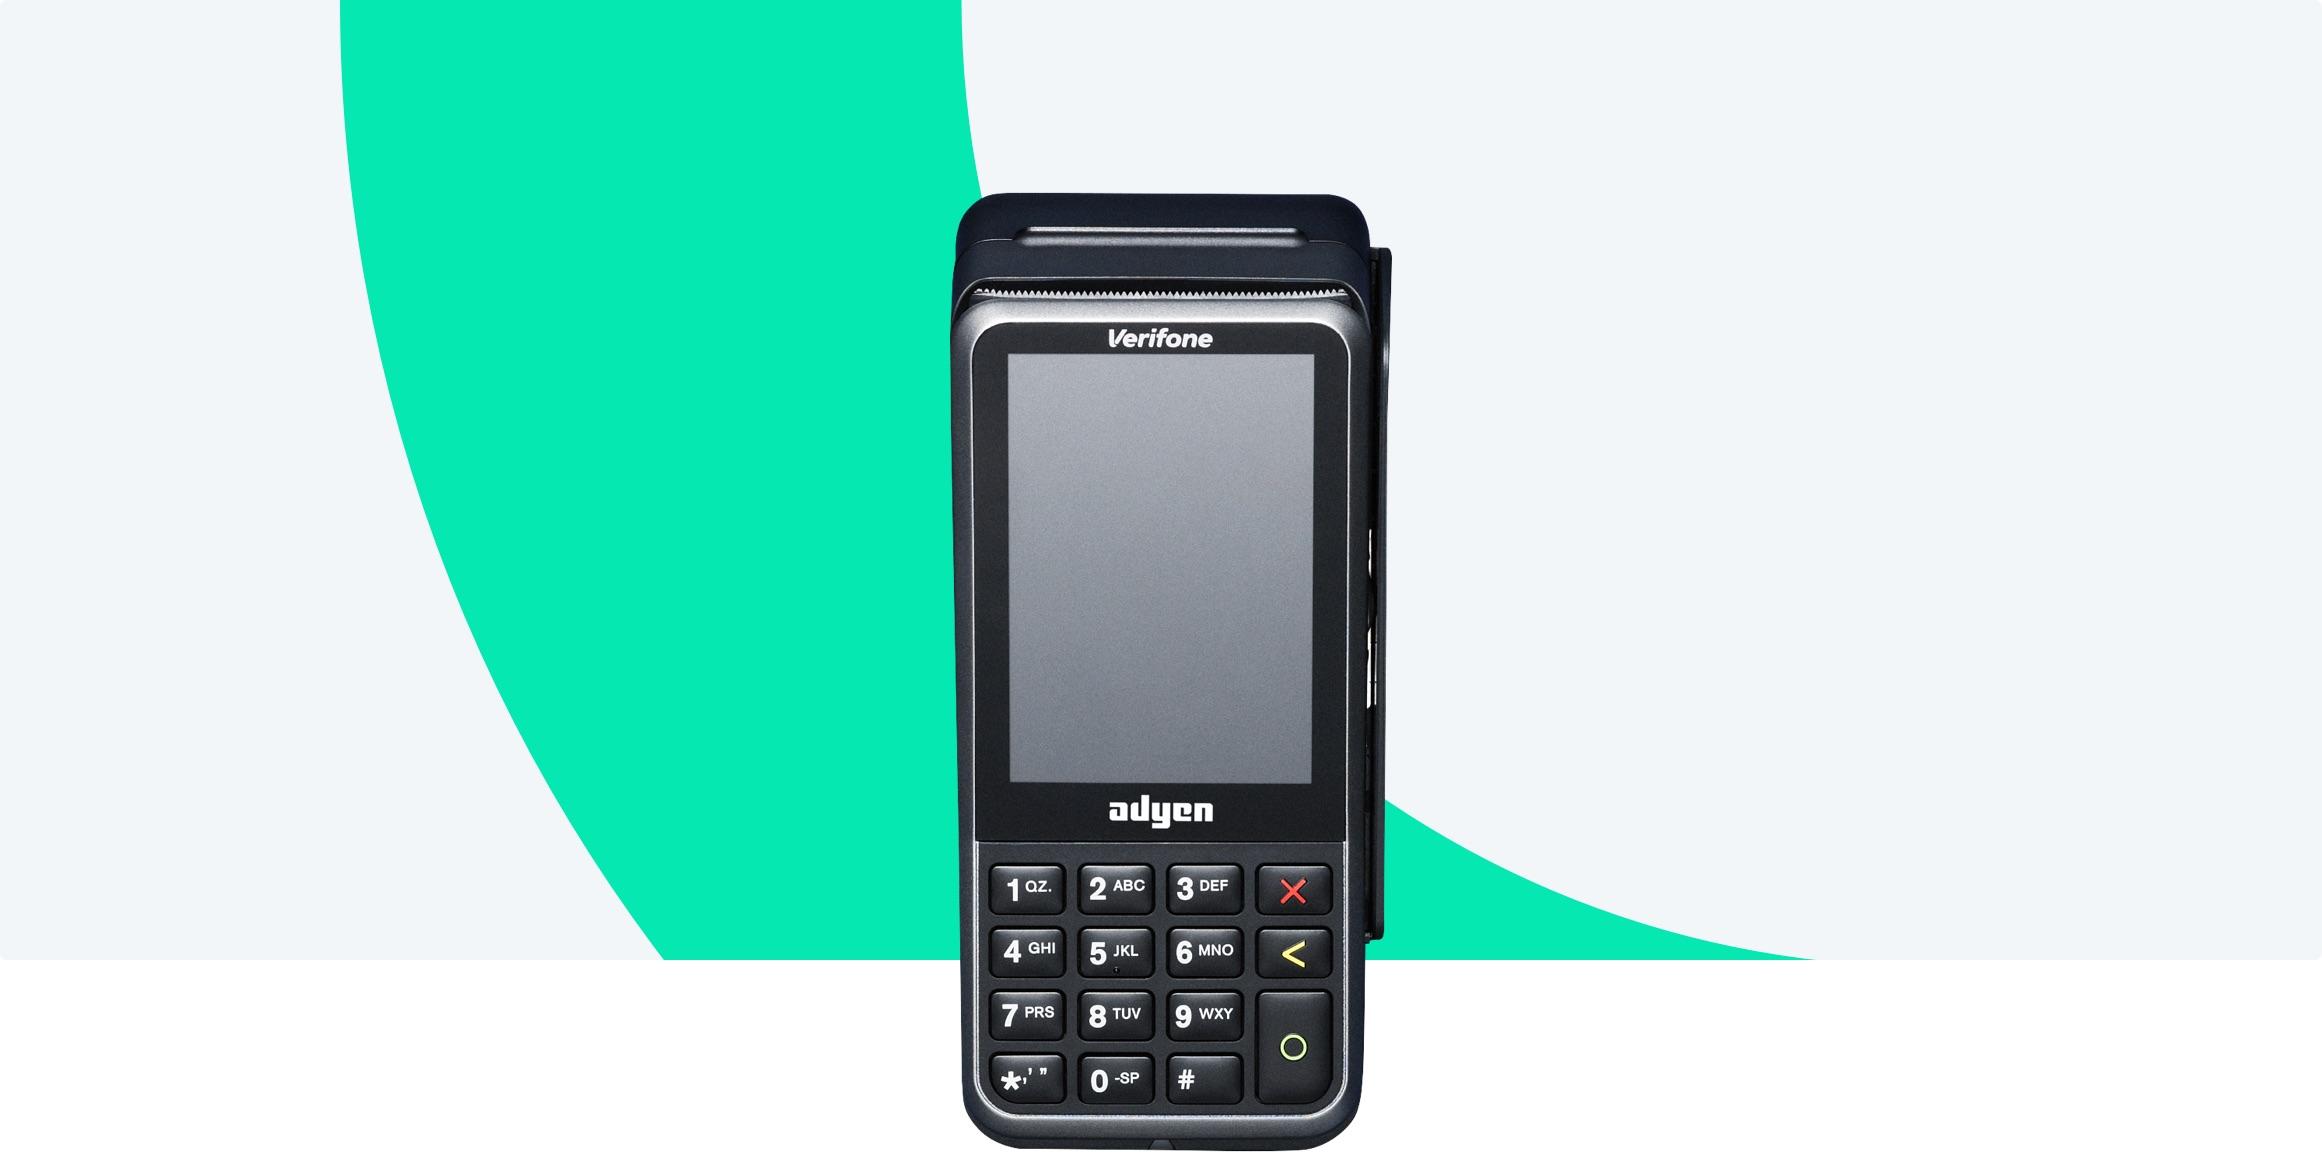 Adyen Portable Terminal Adyen